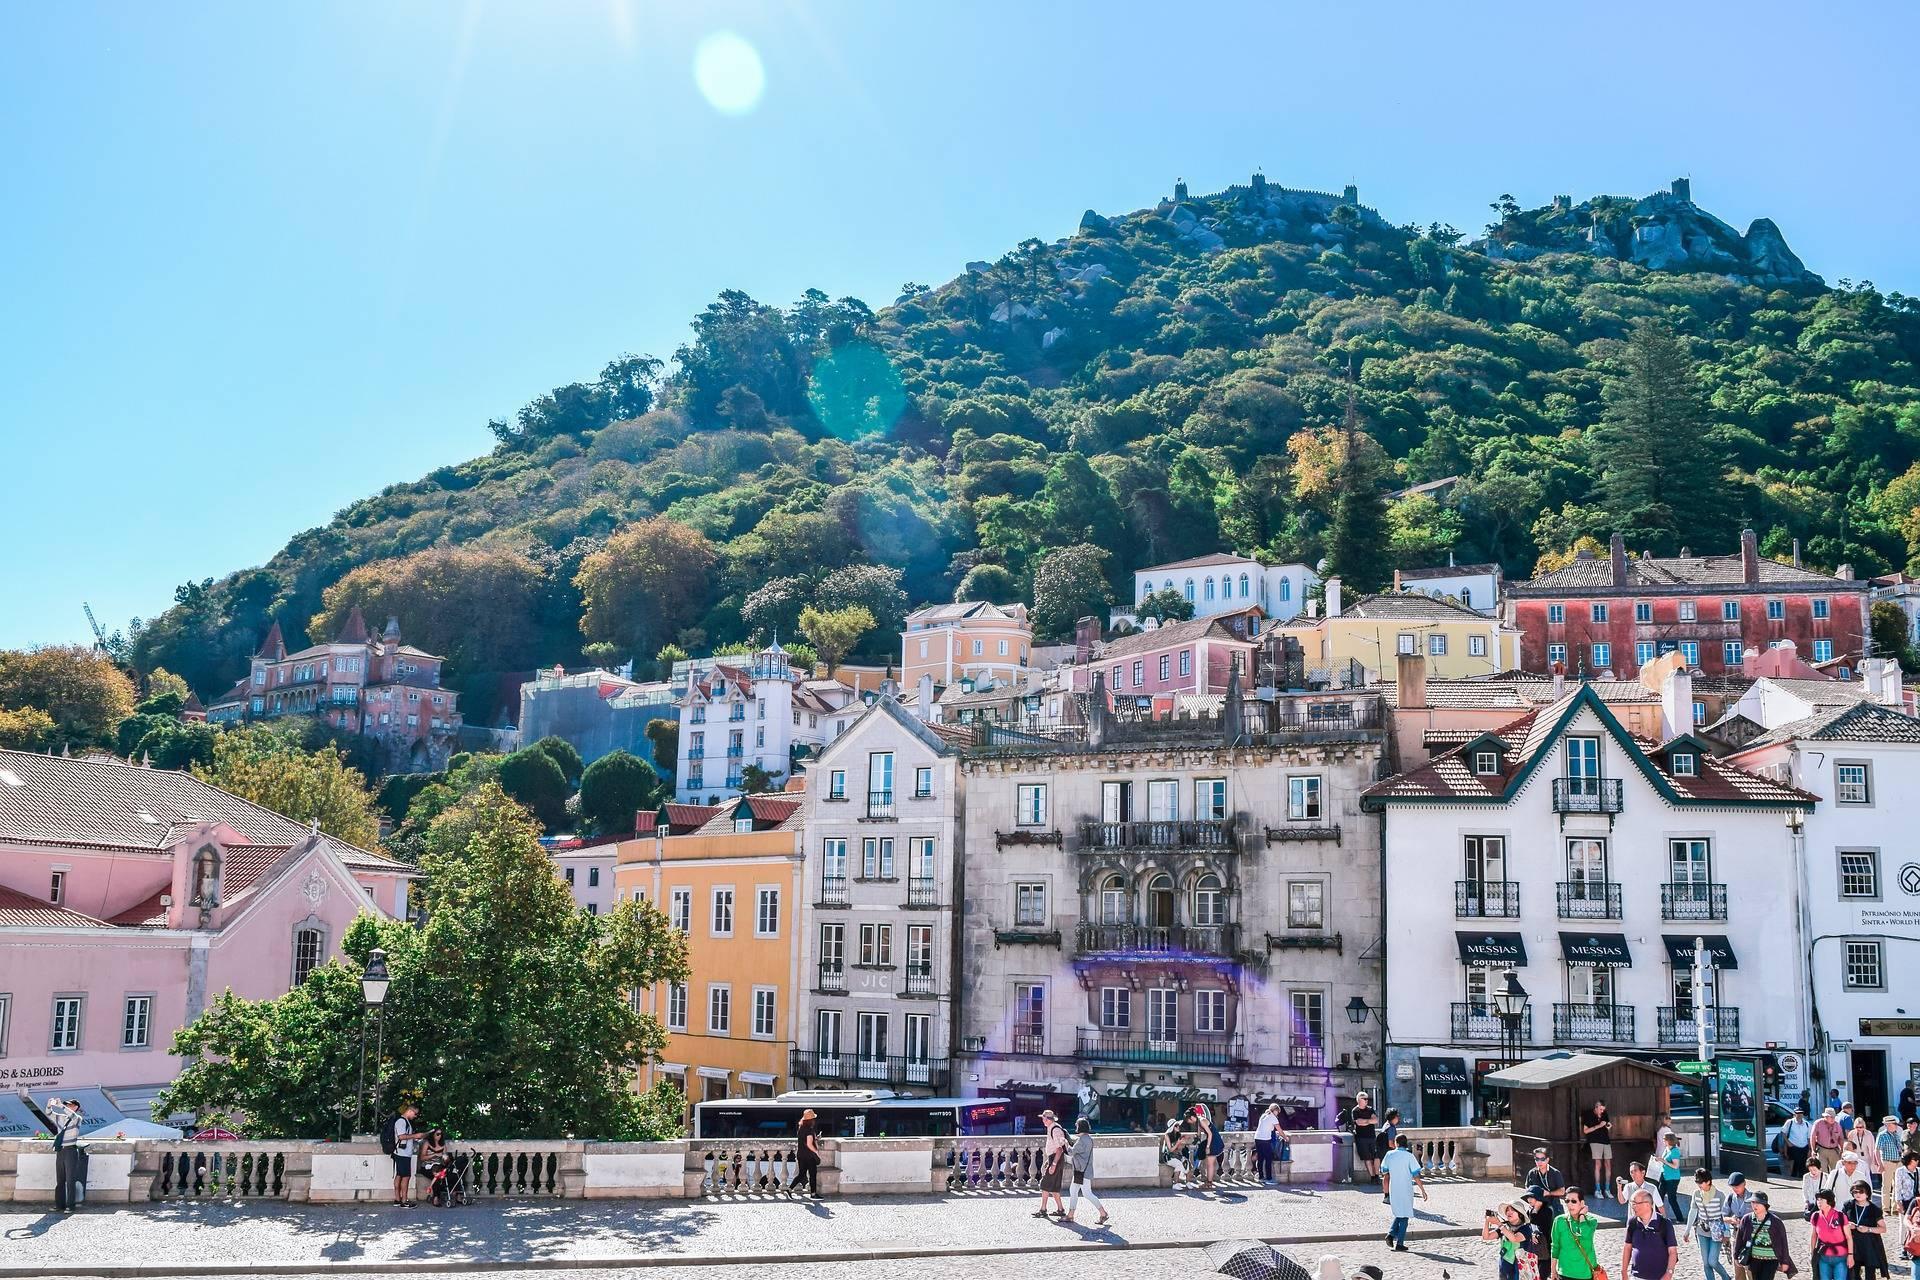 Un oraș din România a fost inclus în top 10 orașe din Europa unde se mănâncă cel mai bine